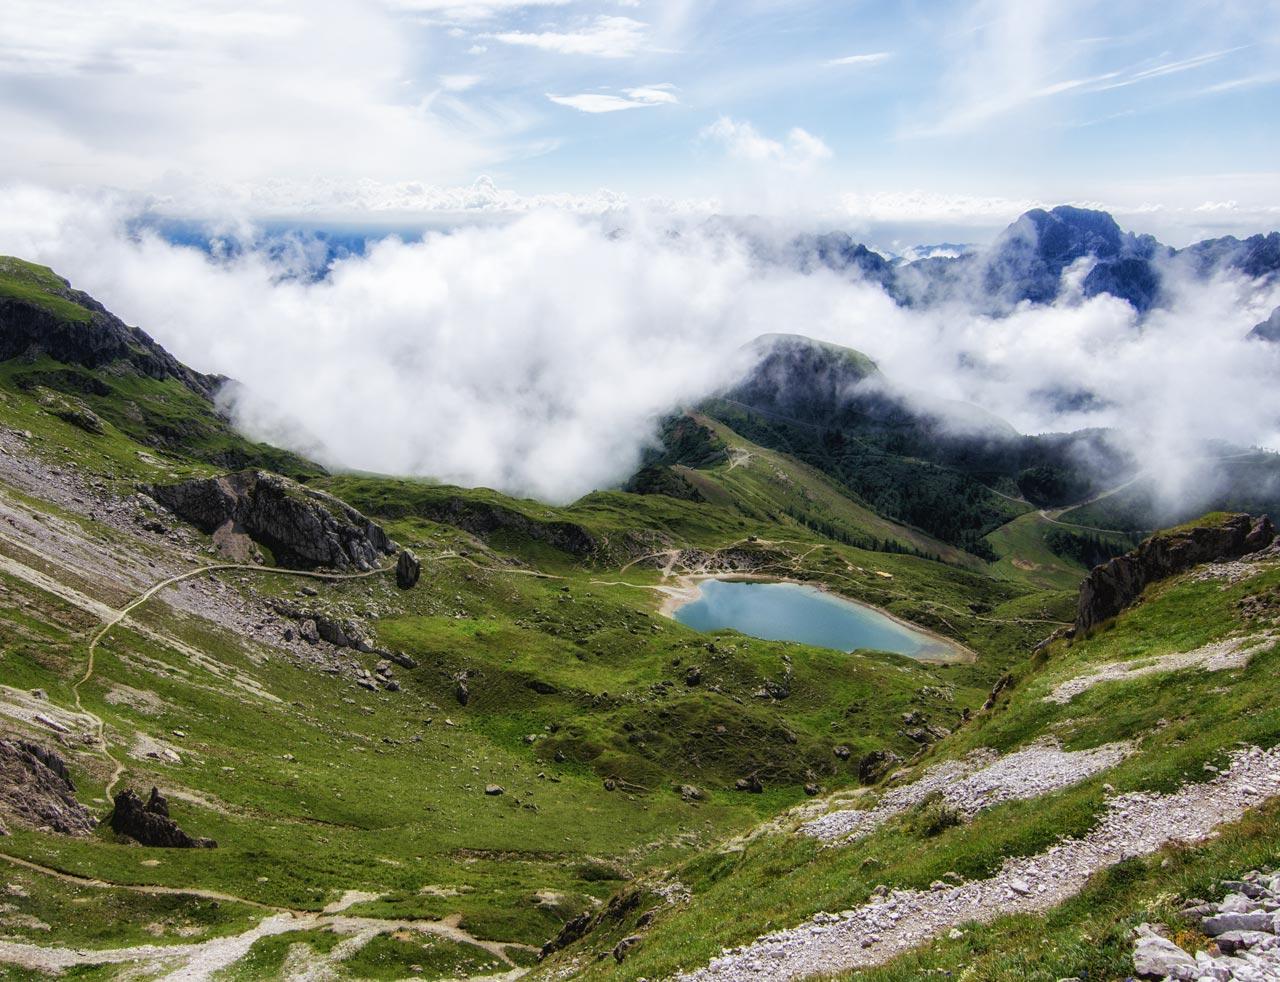 Vallate di montagna avvolta dalle nubole